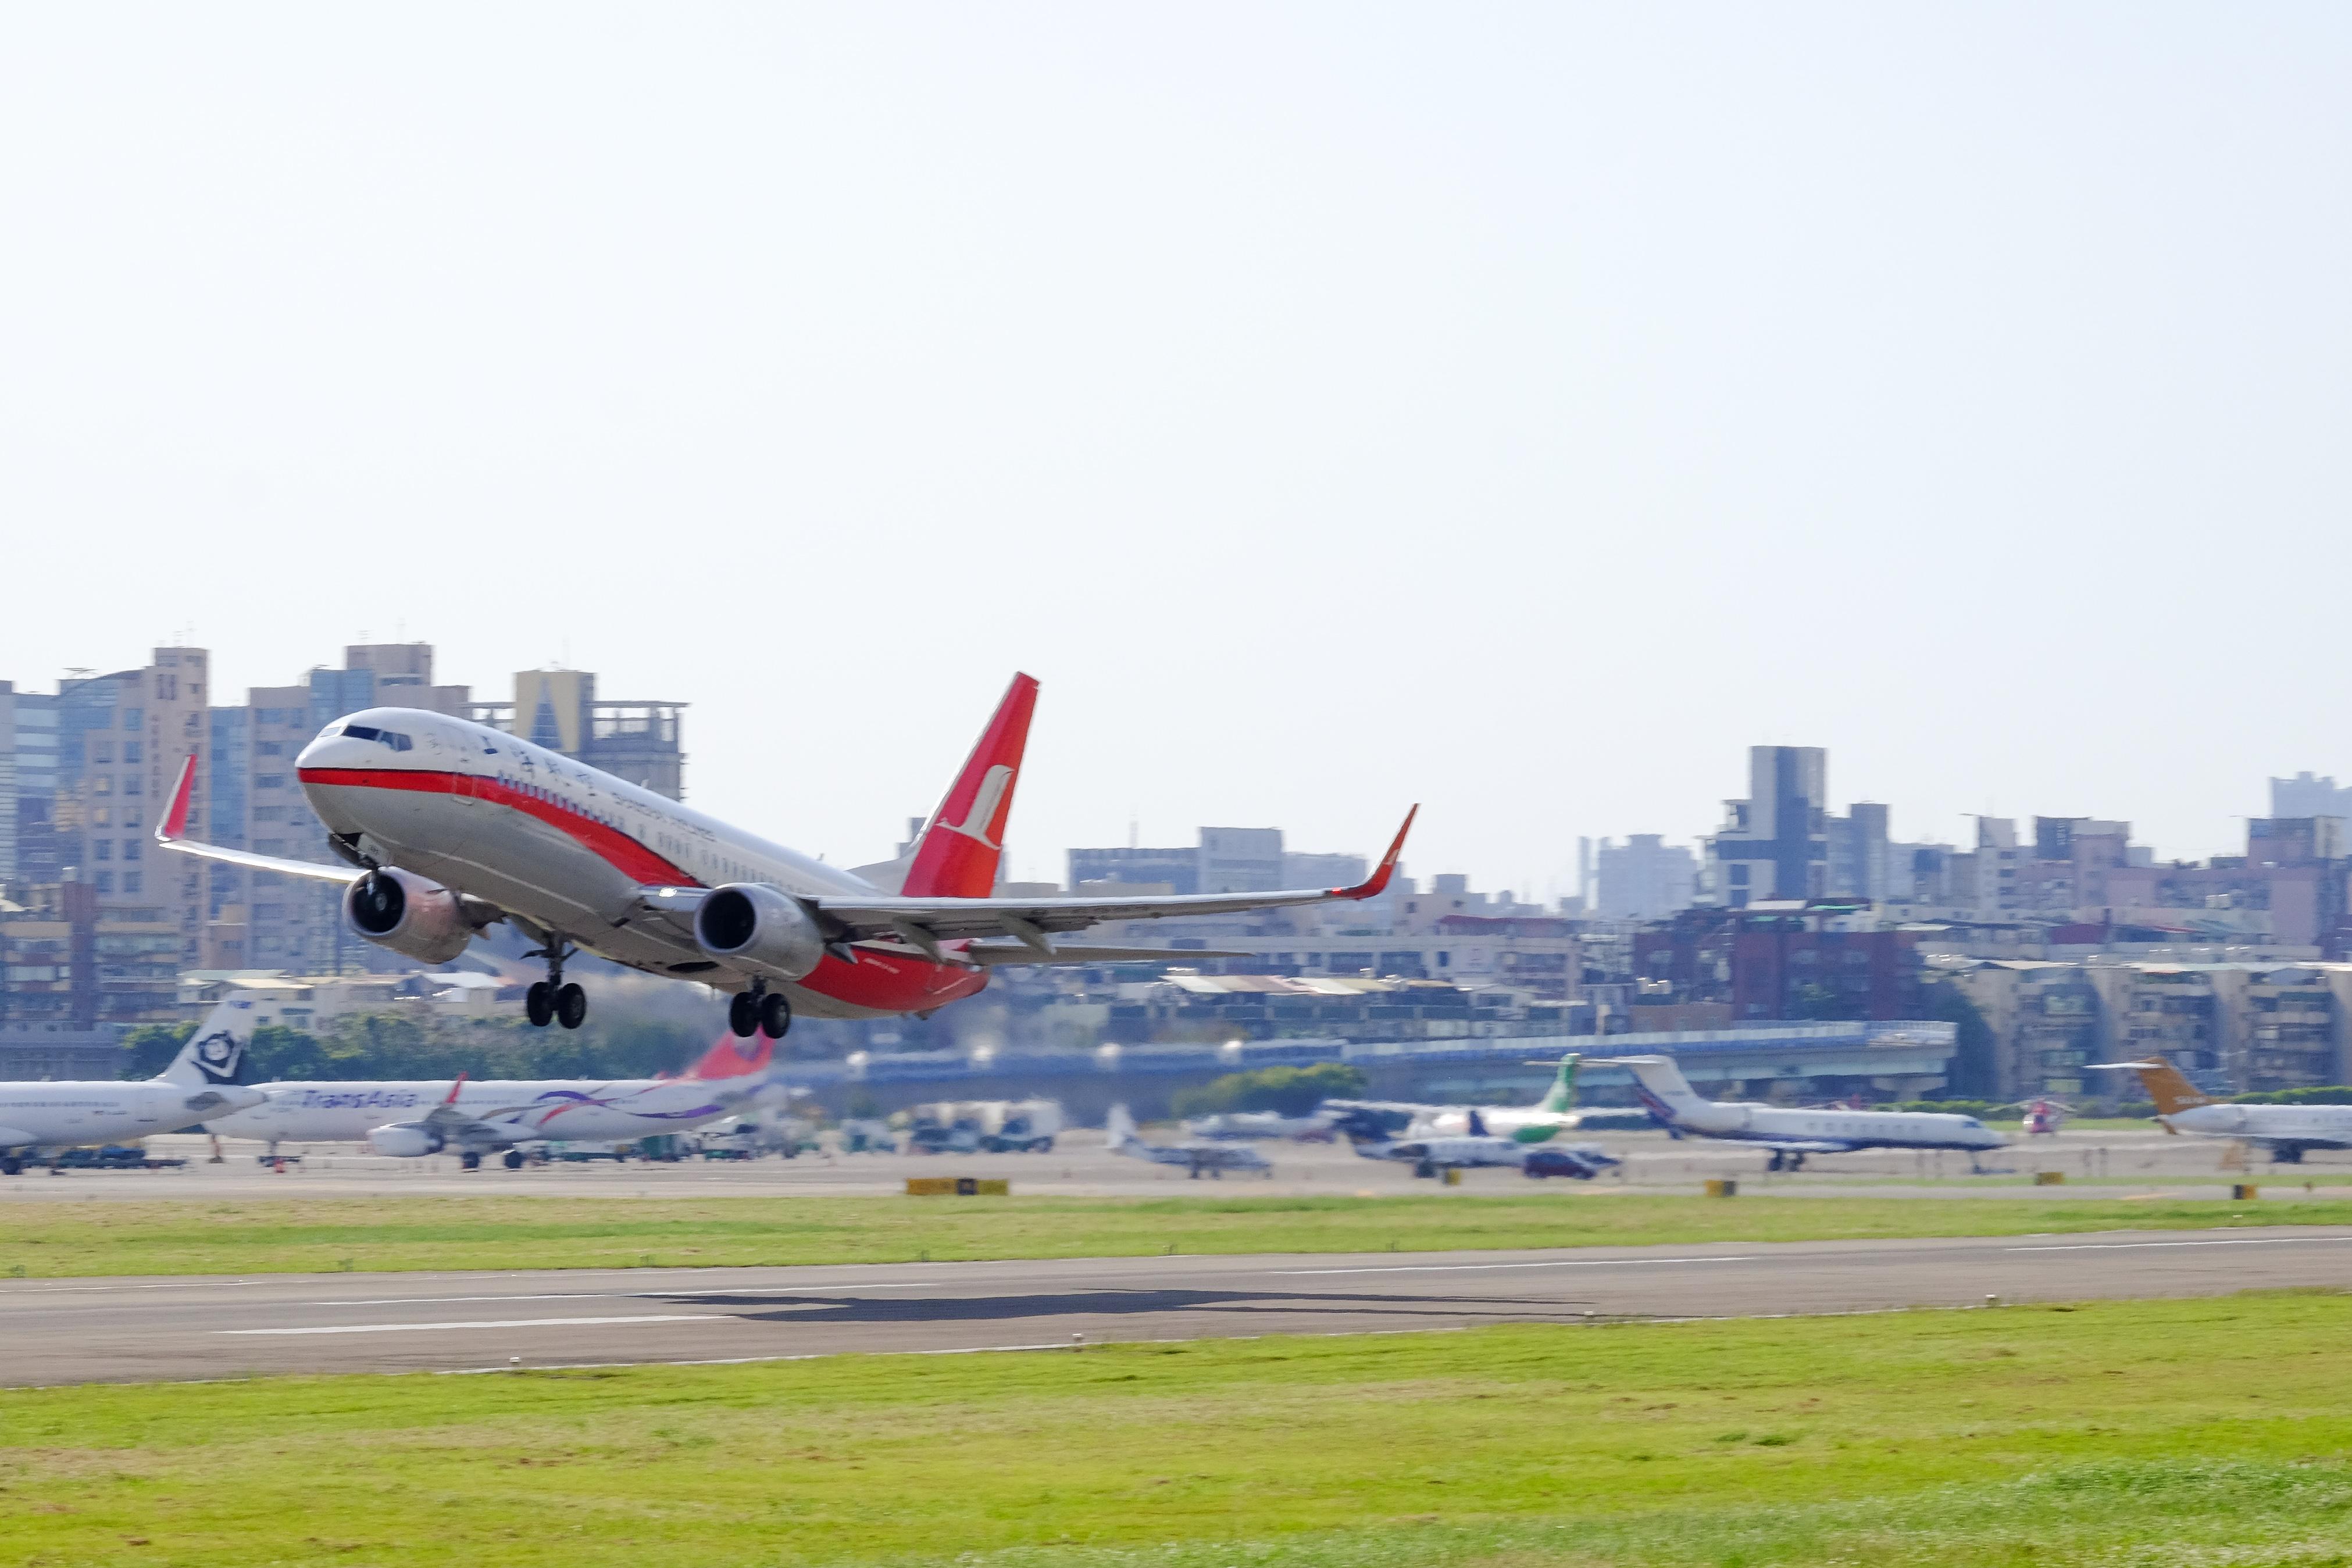 Resultado de imagen para shanghai airport airliners